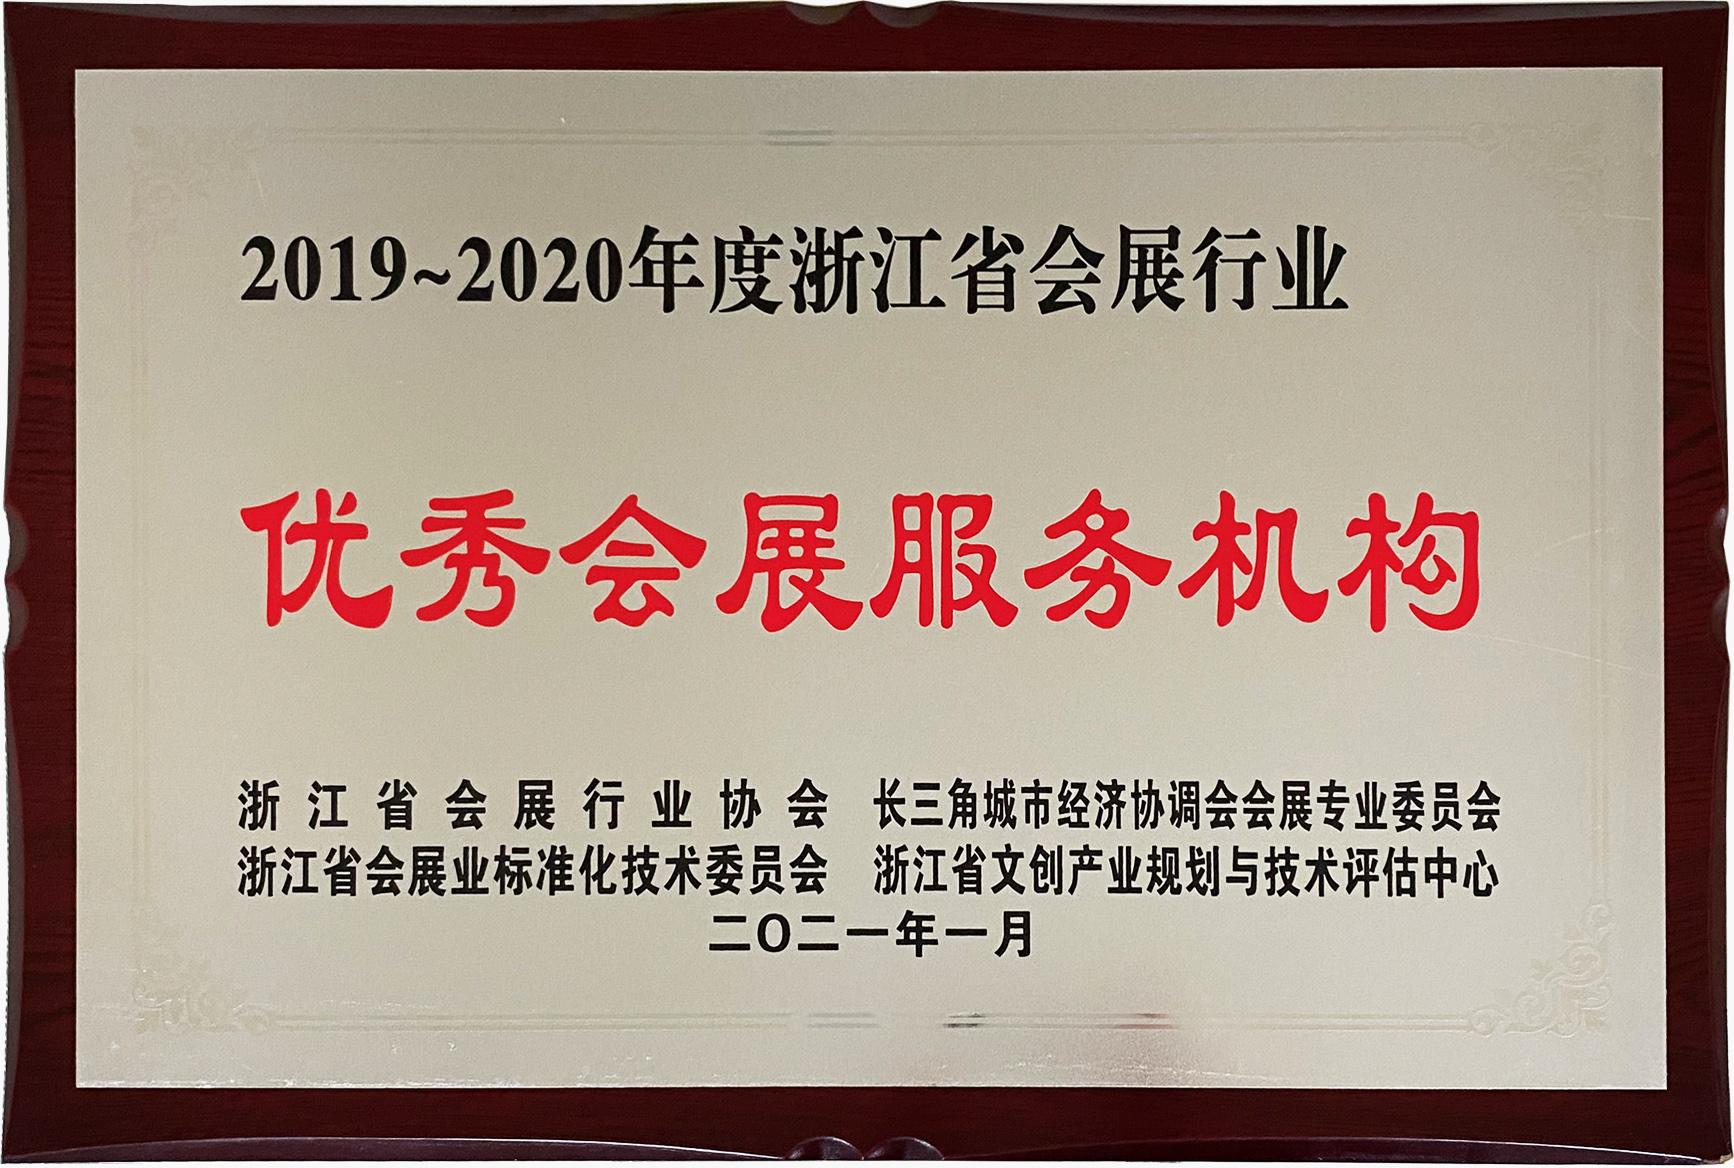 2019-2020年度浙江省会展行业优秀会展服务机构